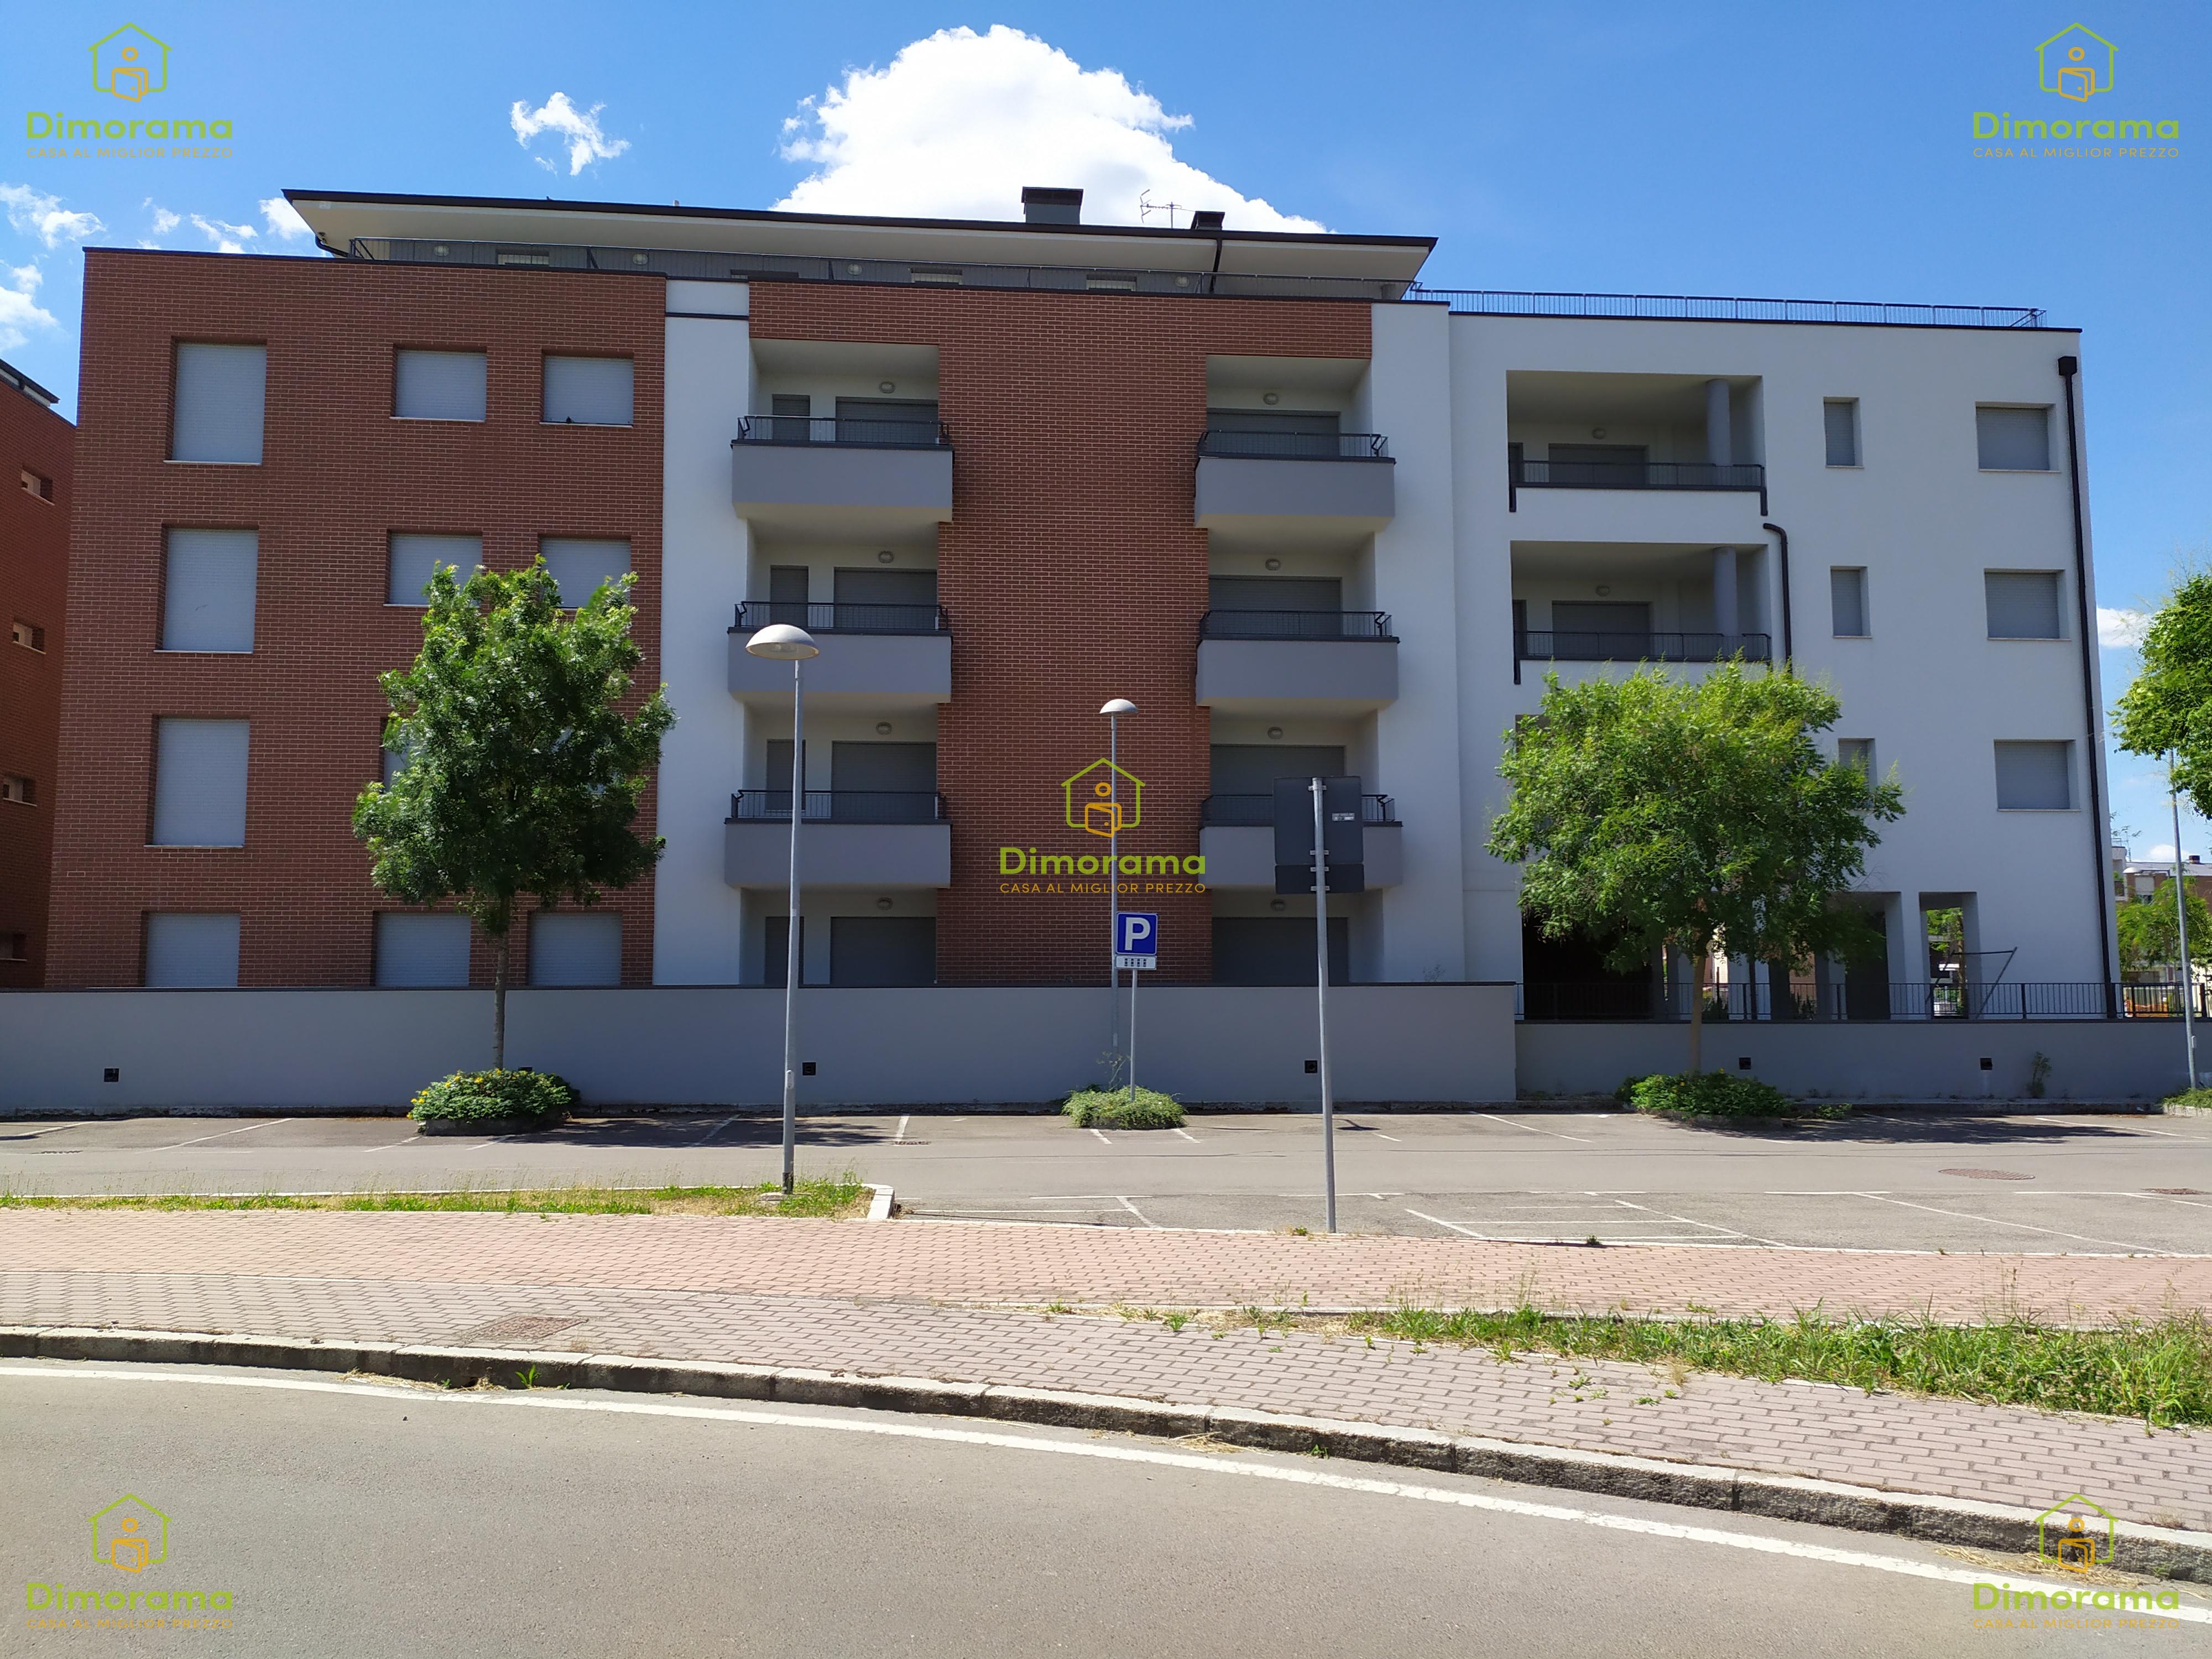 Appartamento, Zola predosa (BO) Via delle Officine, 0, Vendita - Zola Predosa